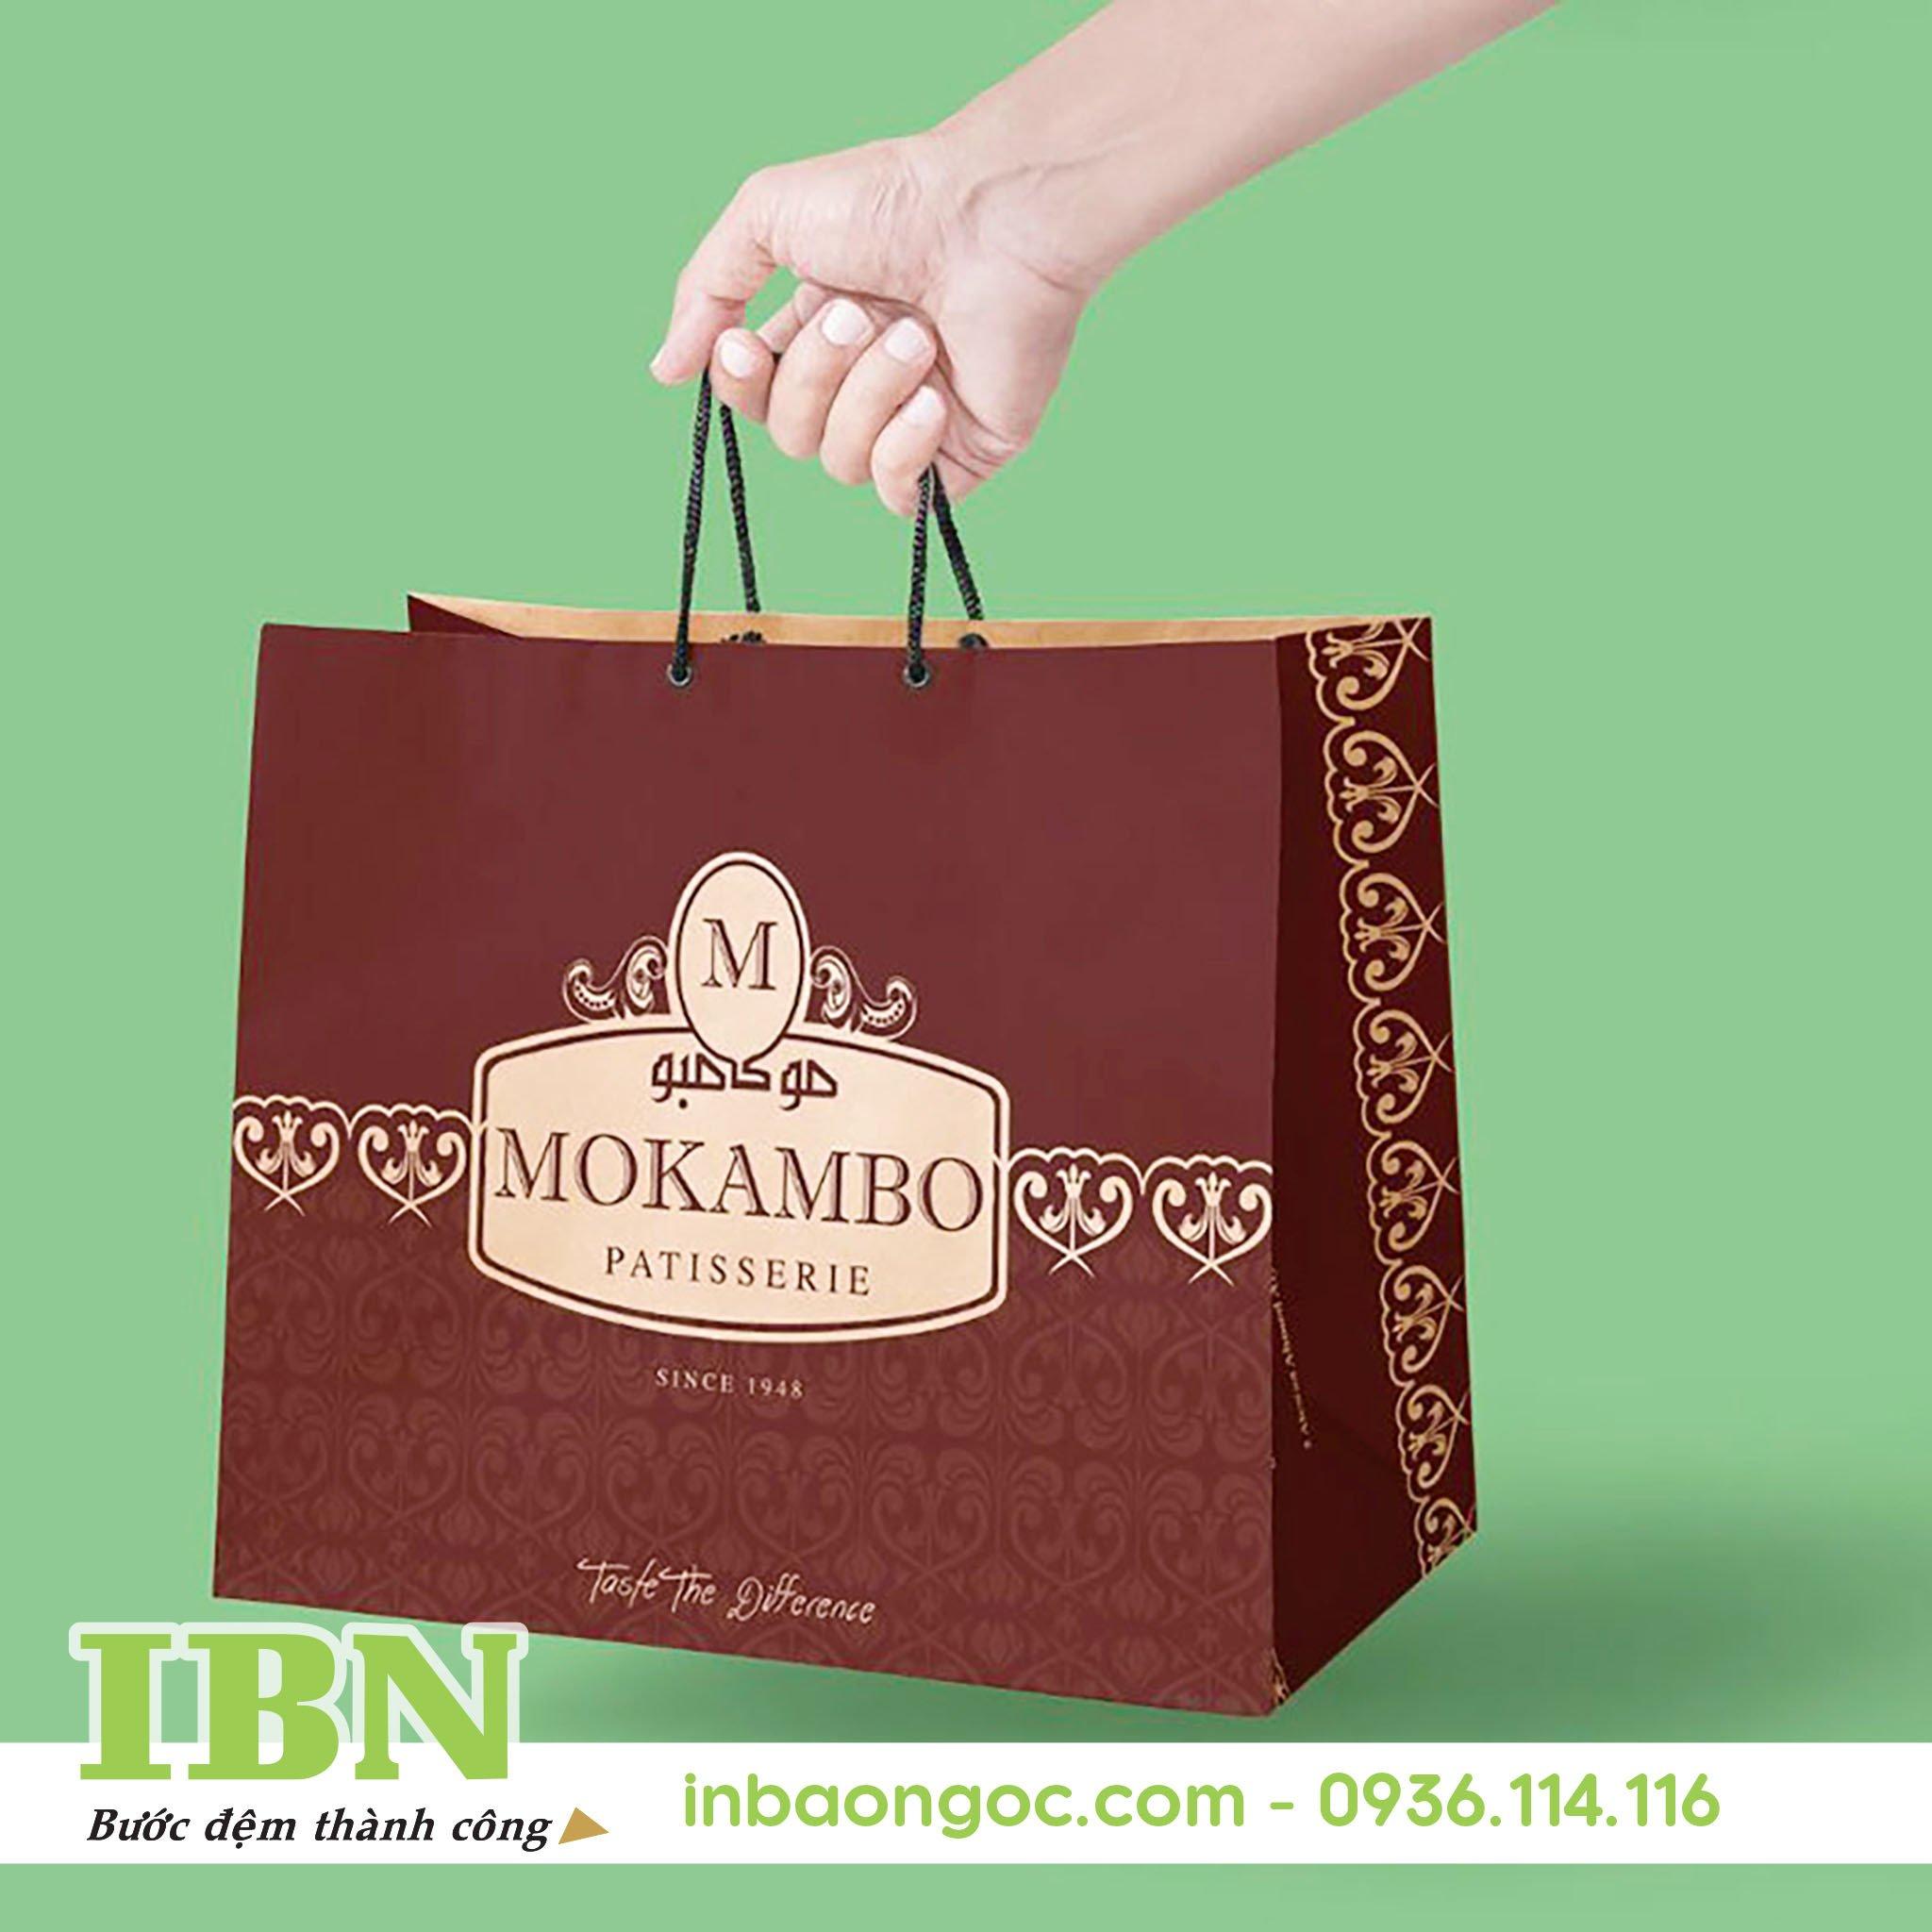 sản xuất túi giấy bảo vệ môi trường giá rẻ